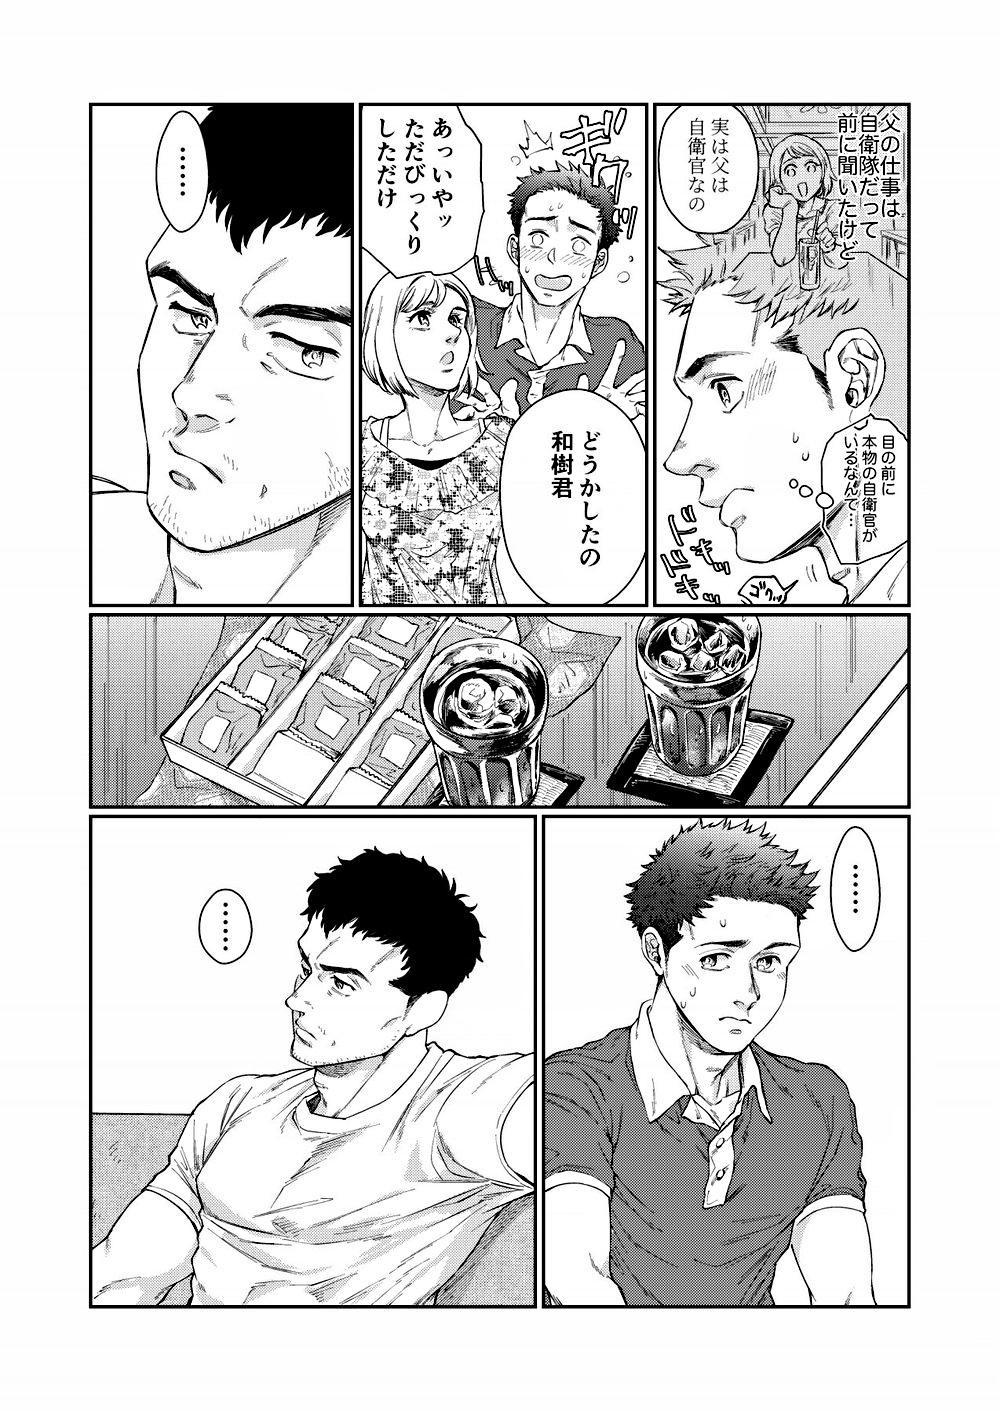 Kamishimo o nuide hitotsu bureikō 5